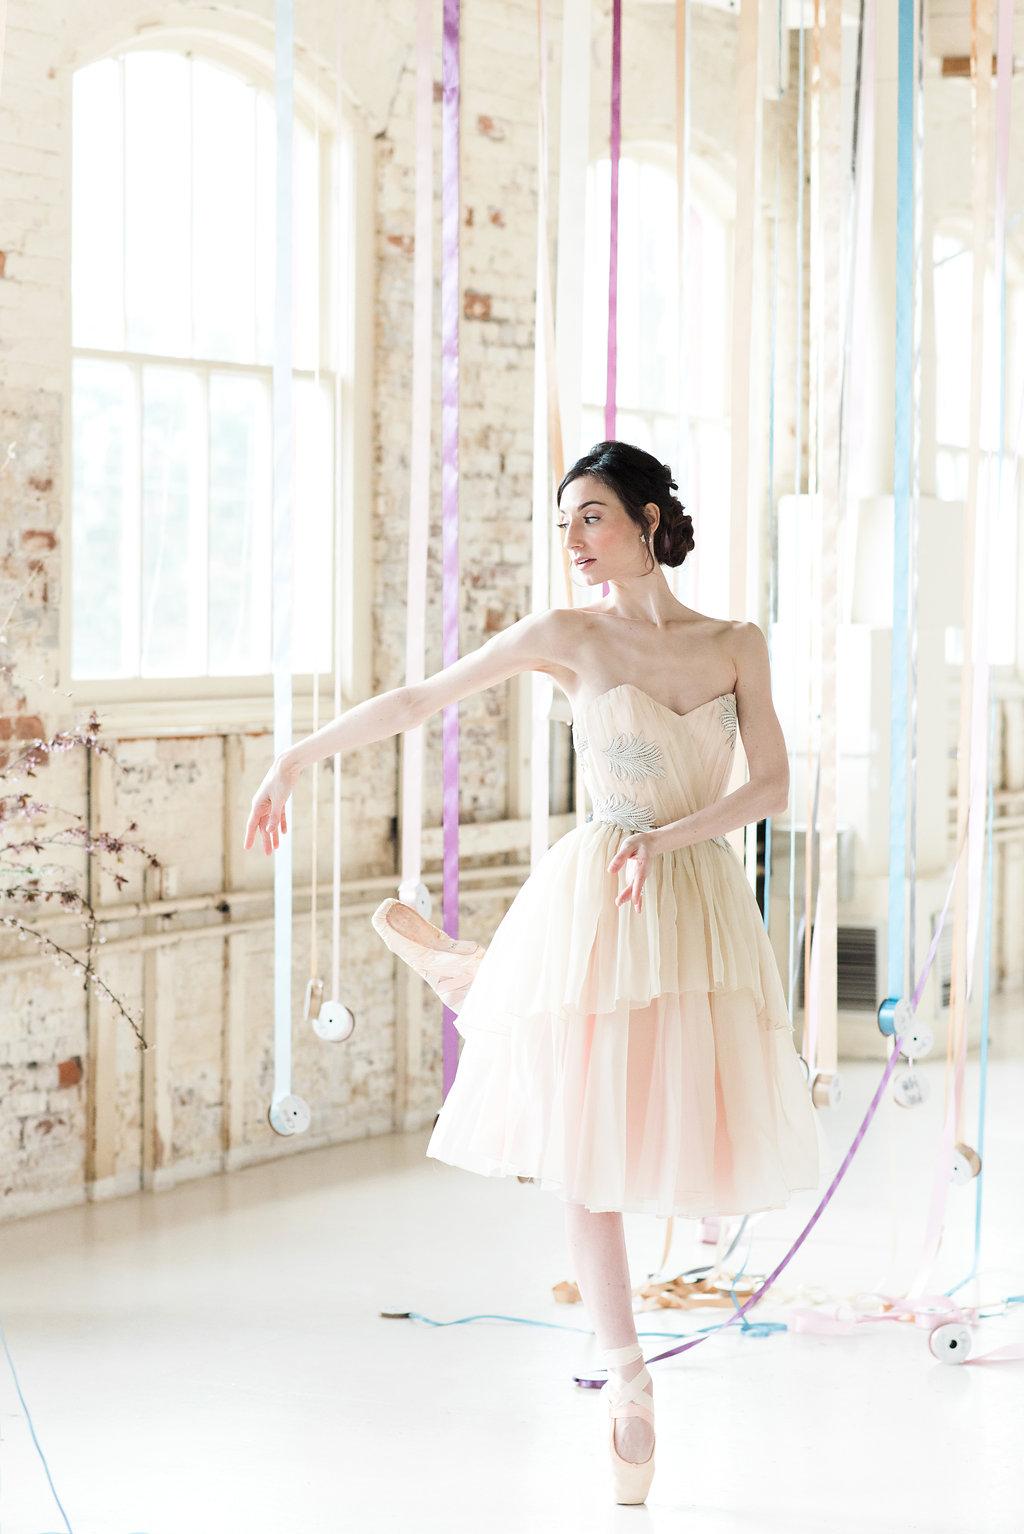 Lauryn_Kay_Photography_Ballet_Bridal_Salem_Oregon-28ps.jpg